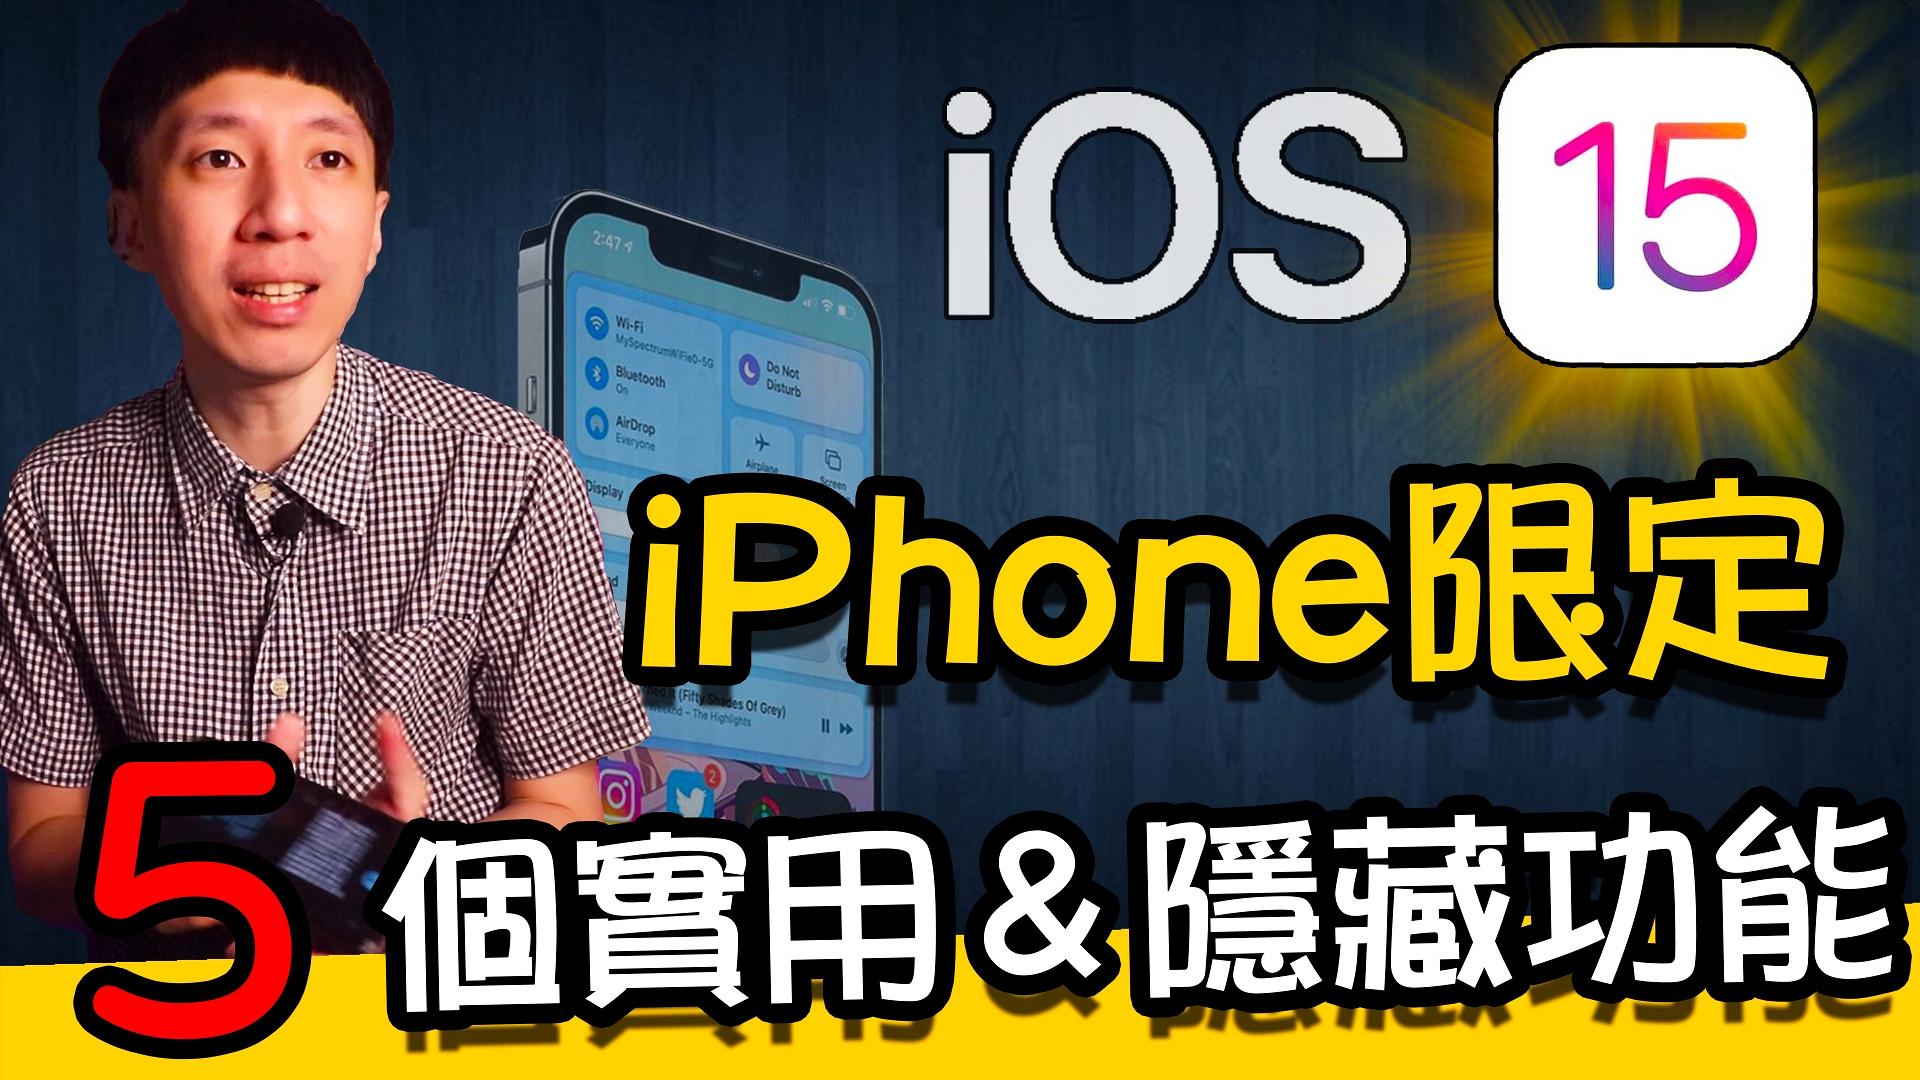 iOS15更新正式開放!解析5個實用&隱藏功能 iPhone限定